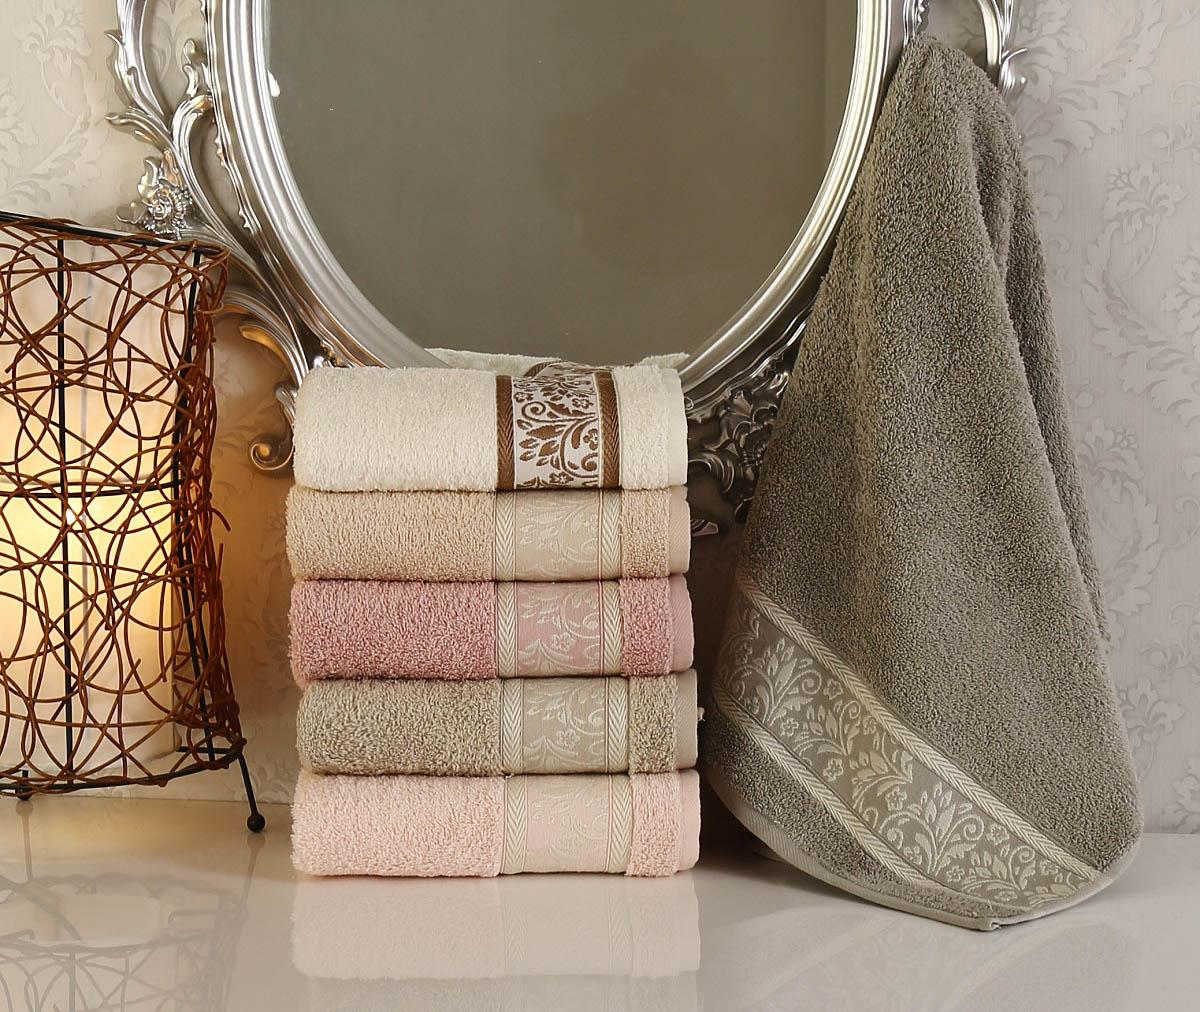 Купить Полотенца Pupilla, Полотенце Viola Dray (50х90 см - 6 шт), Турция, Коричневый, Кремовый, Розовый, Махра